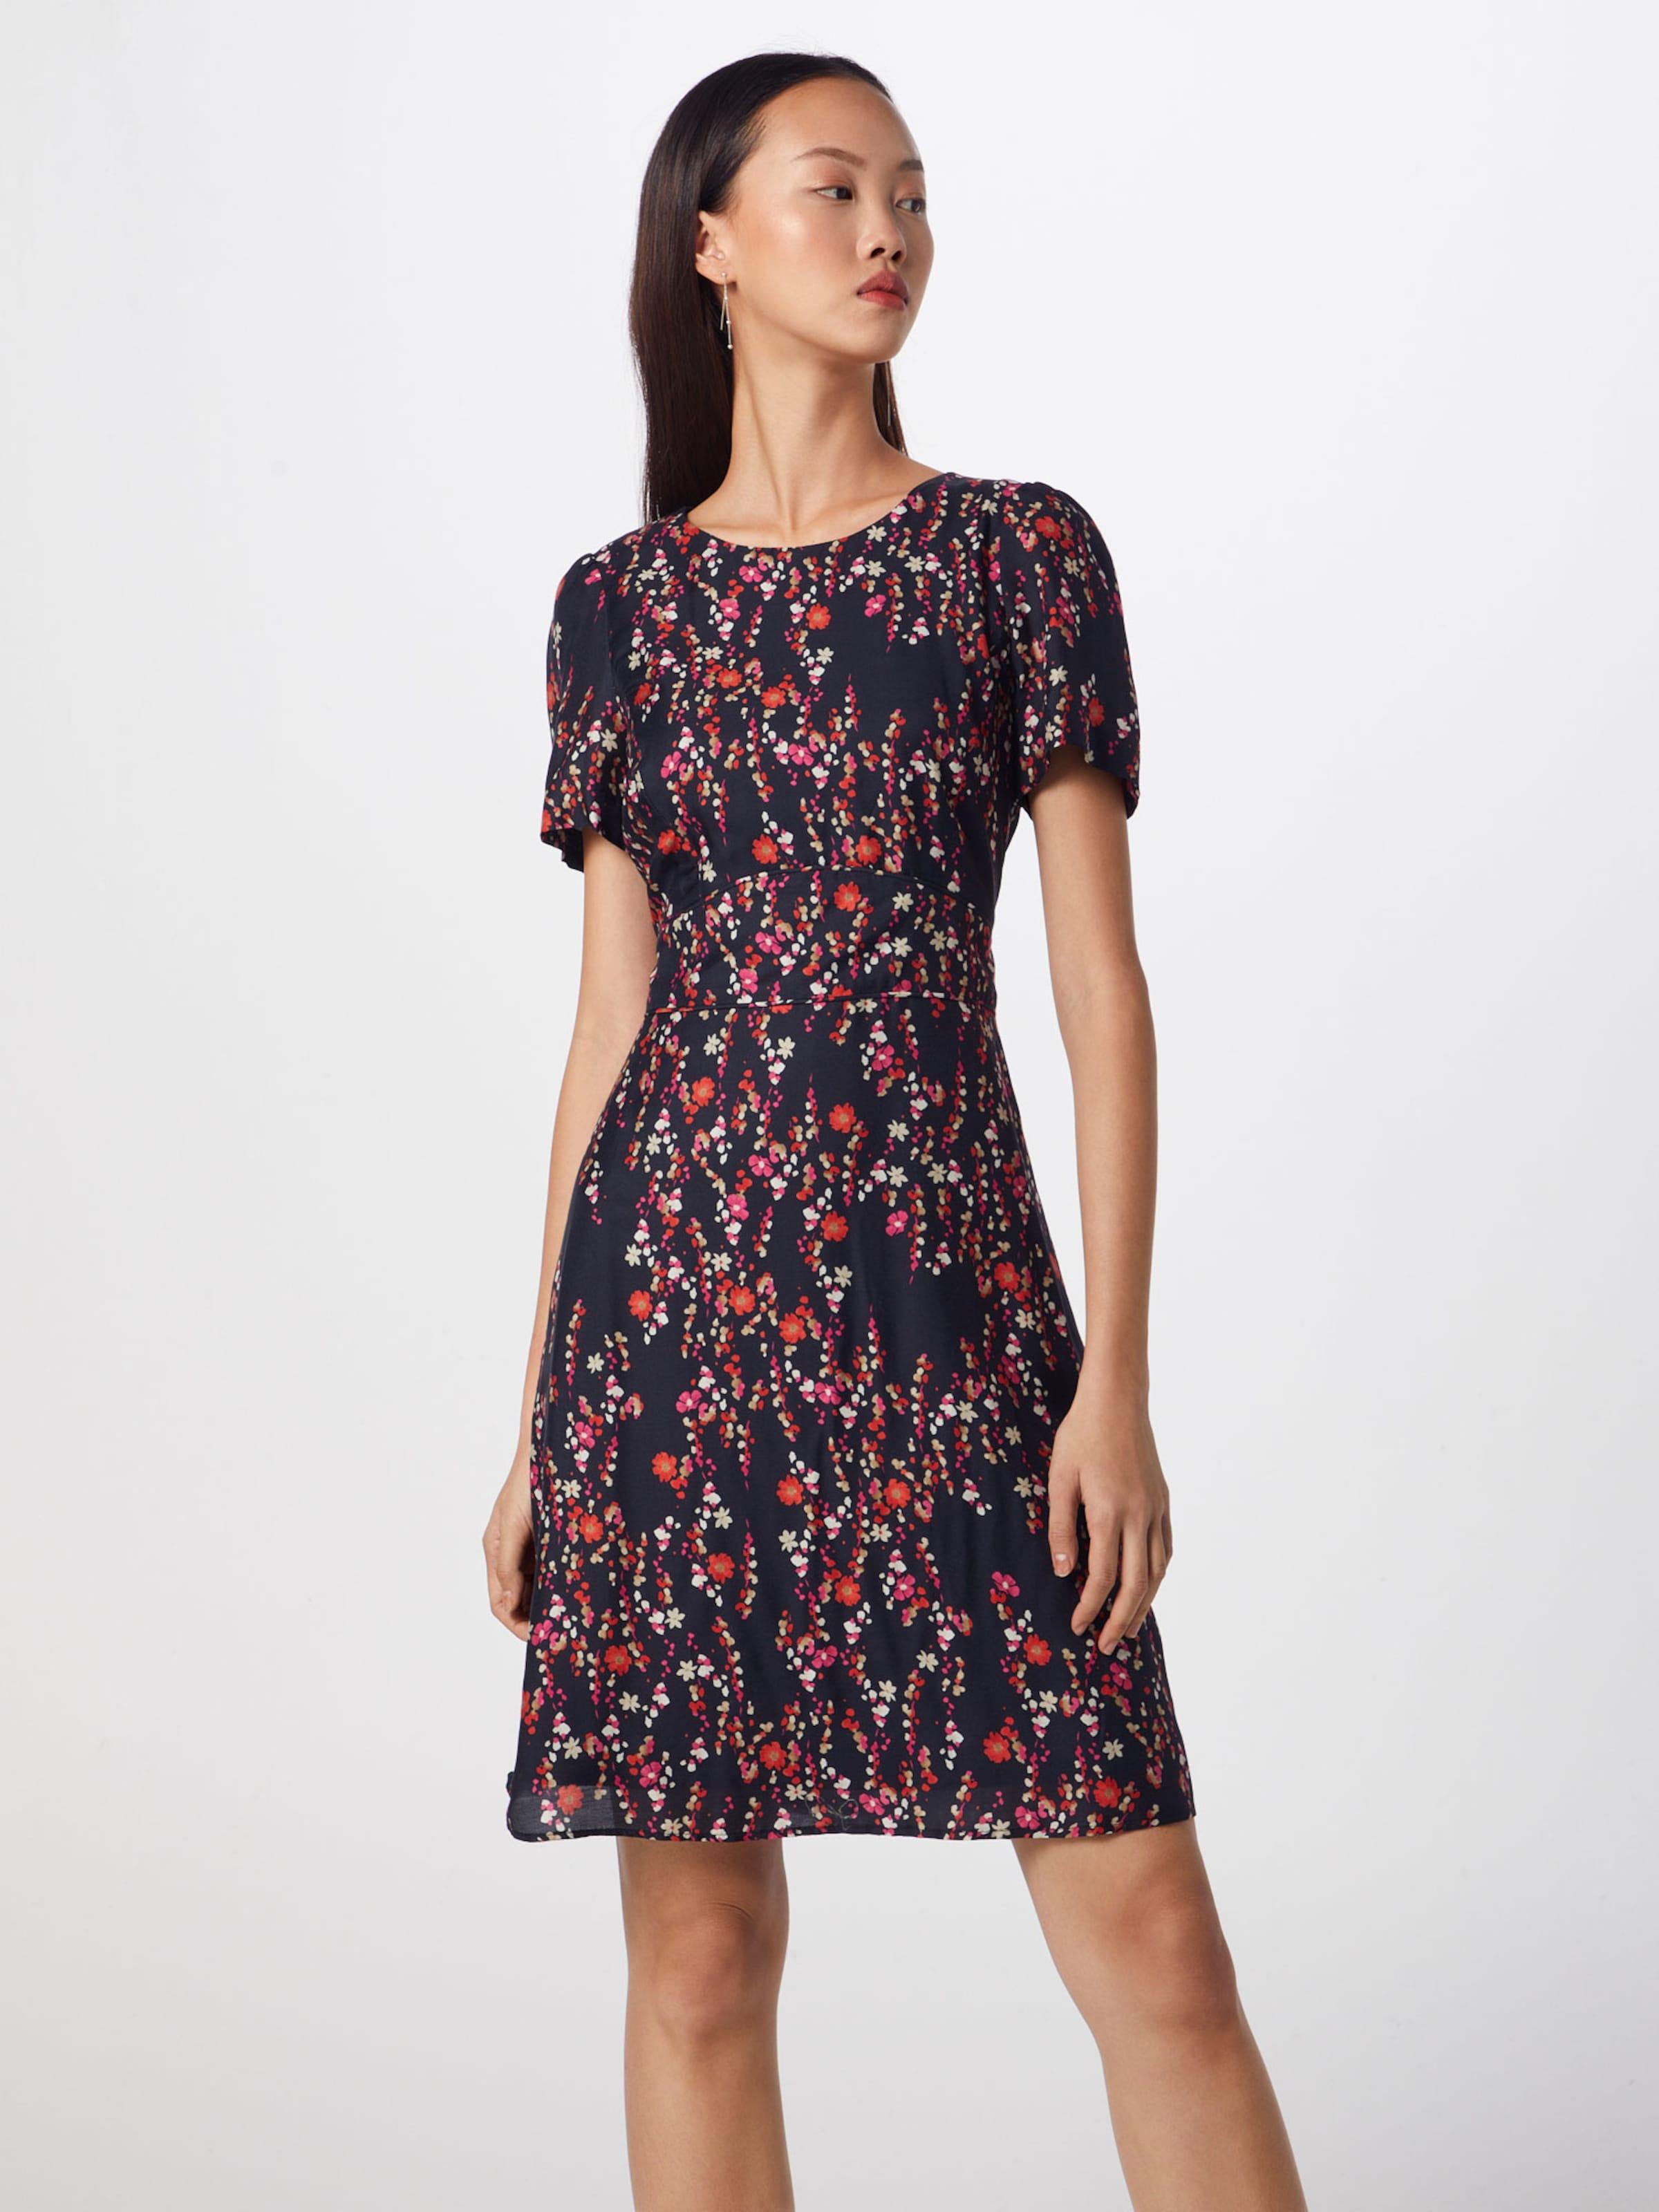 Schwarz Schwarz Kleid Kleid In Set Kleid Set Set Kleid Schwarz Set In In CxBordeW